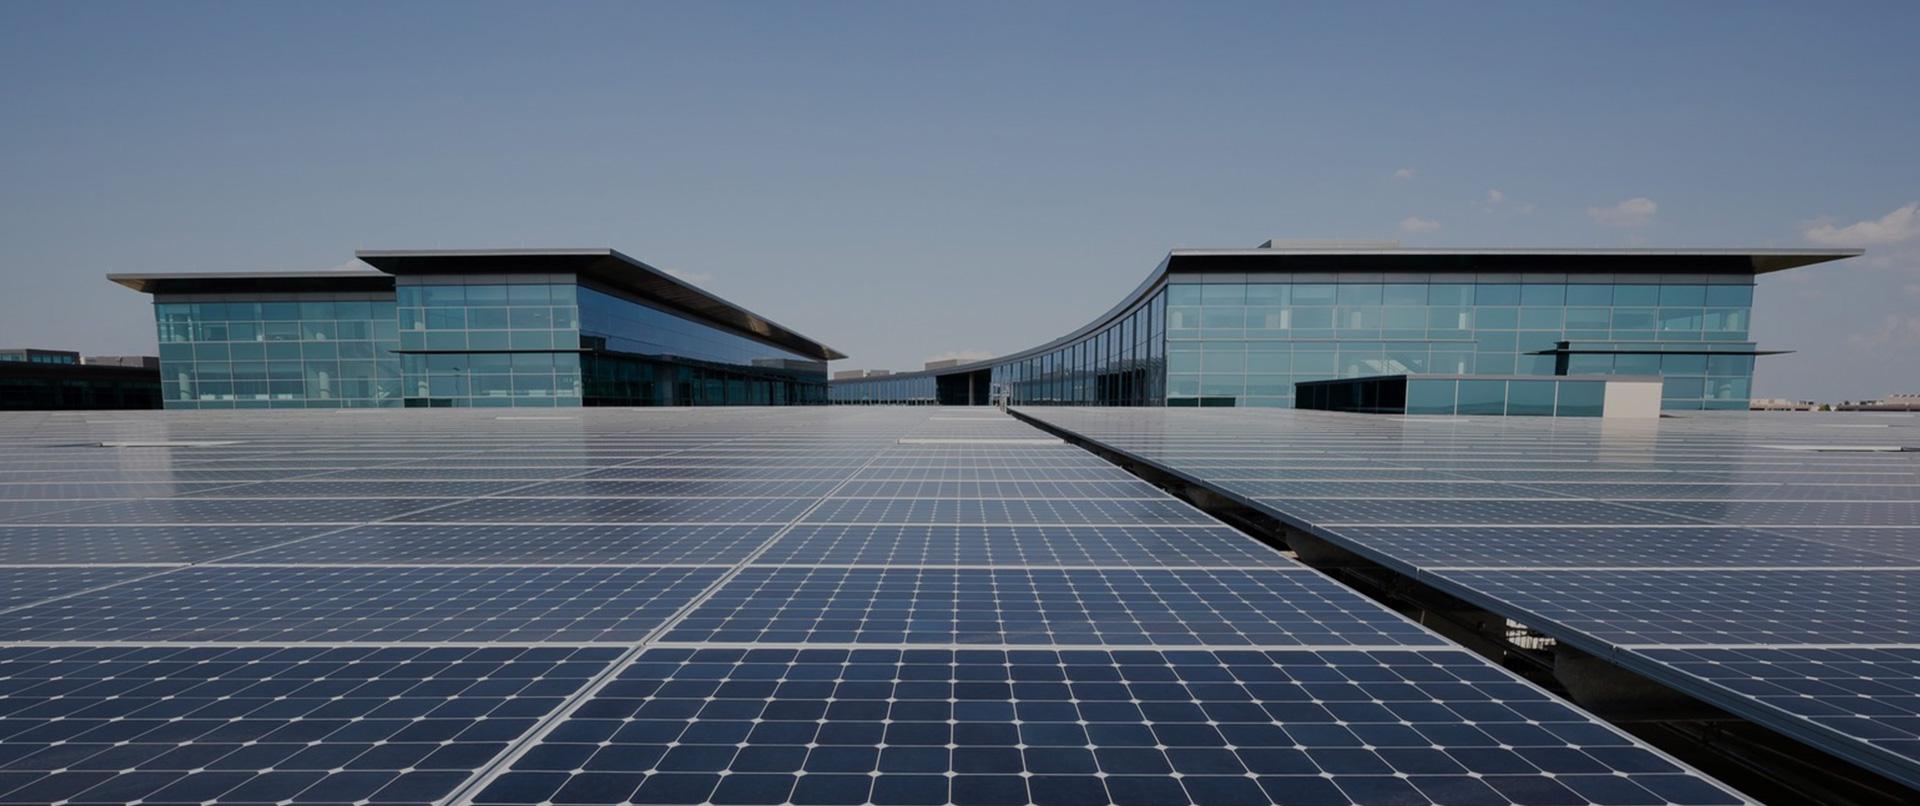 texas solar energy company contact us axium solar. Black Bedroom Furniture Sets. Home Design Ideas